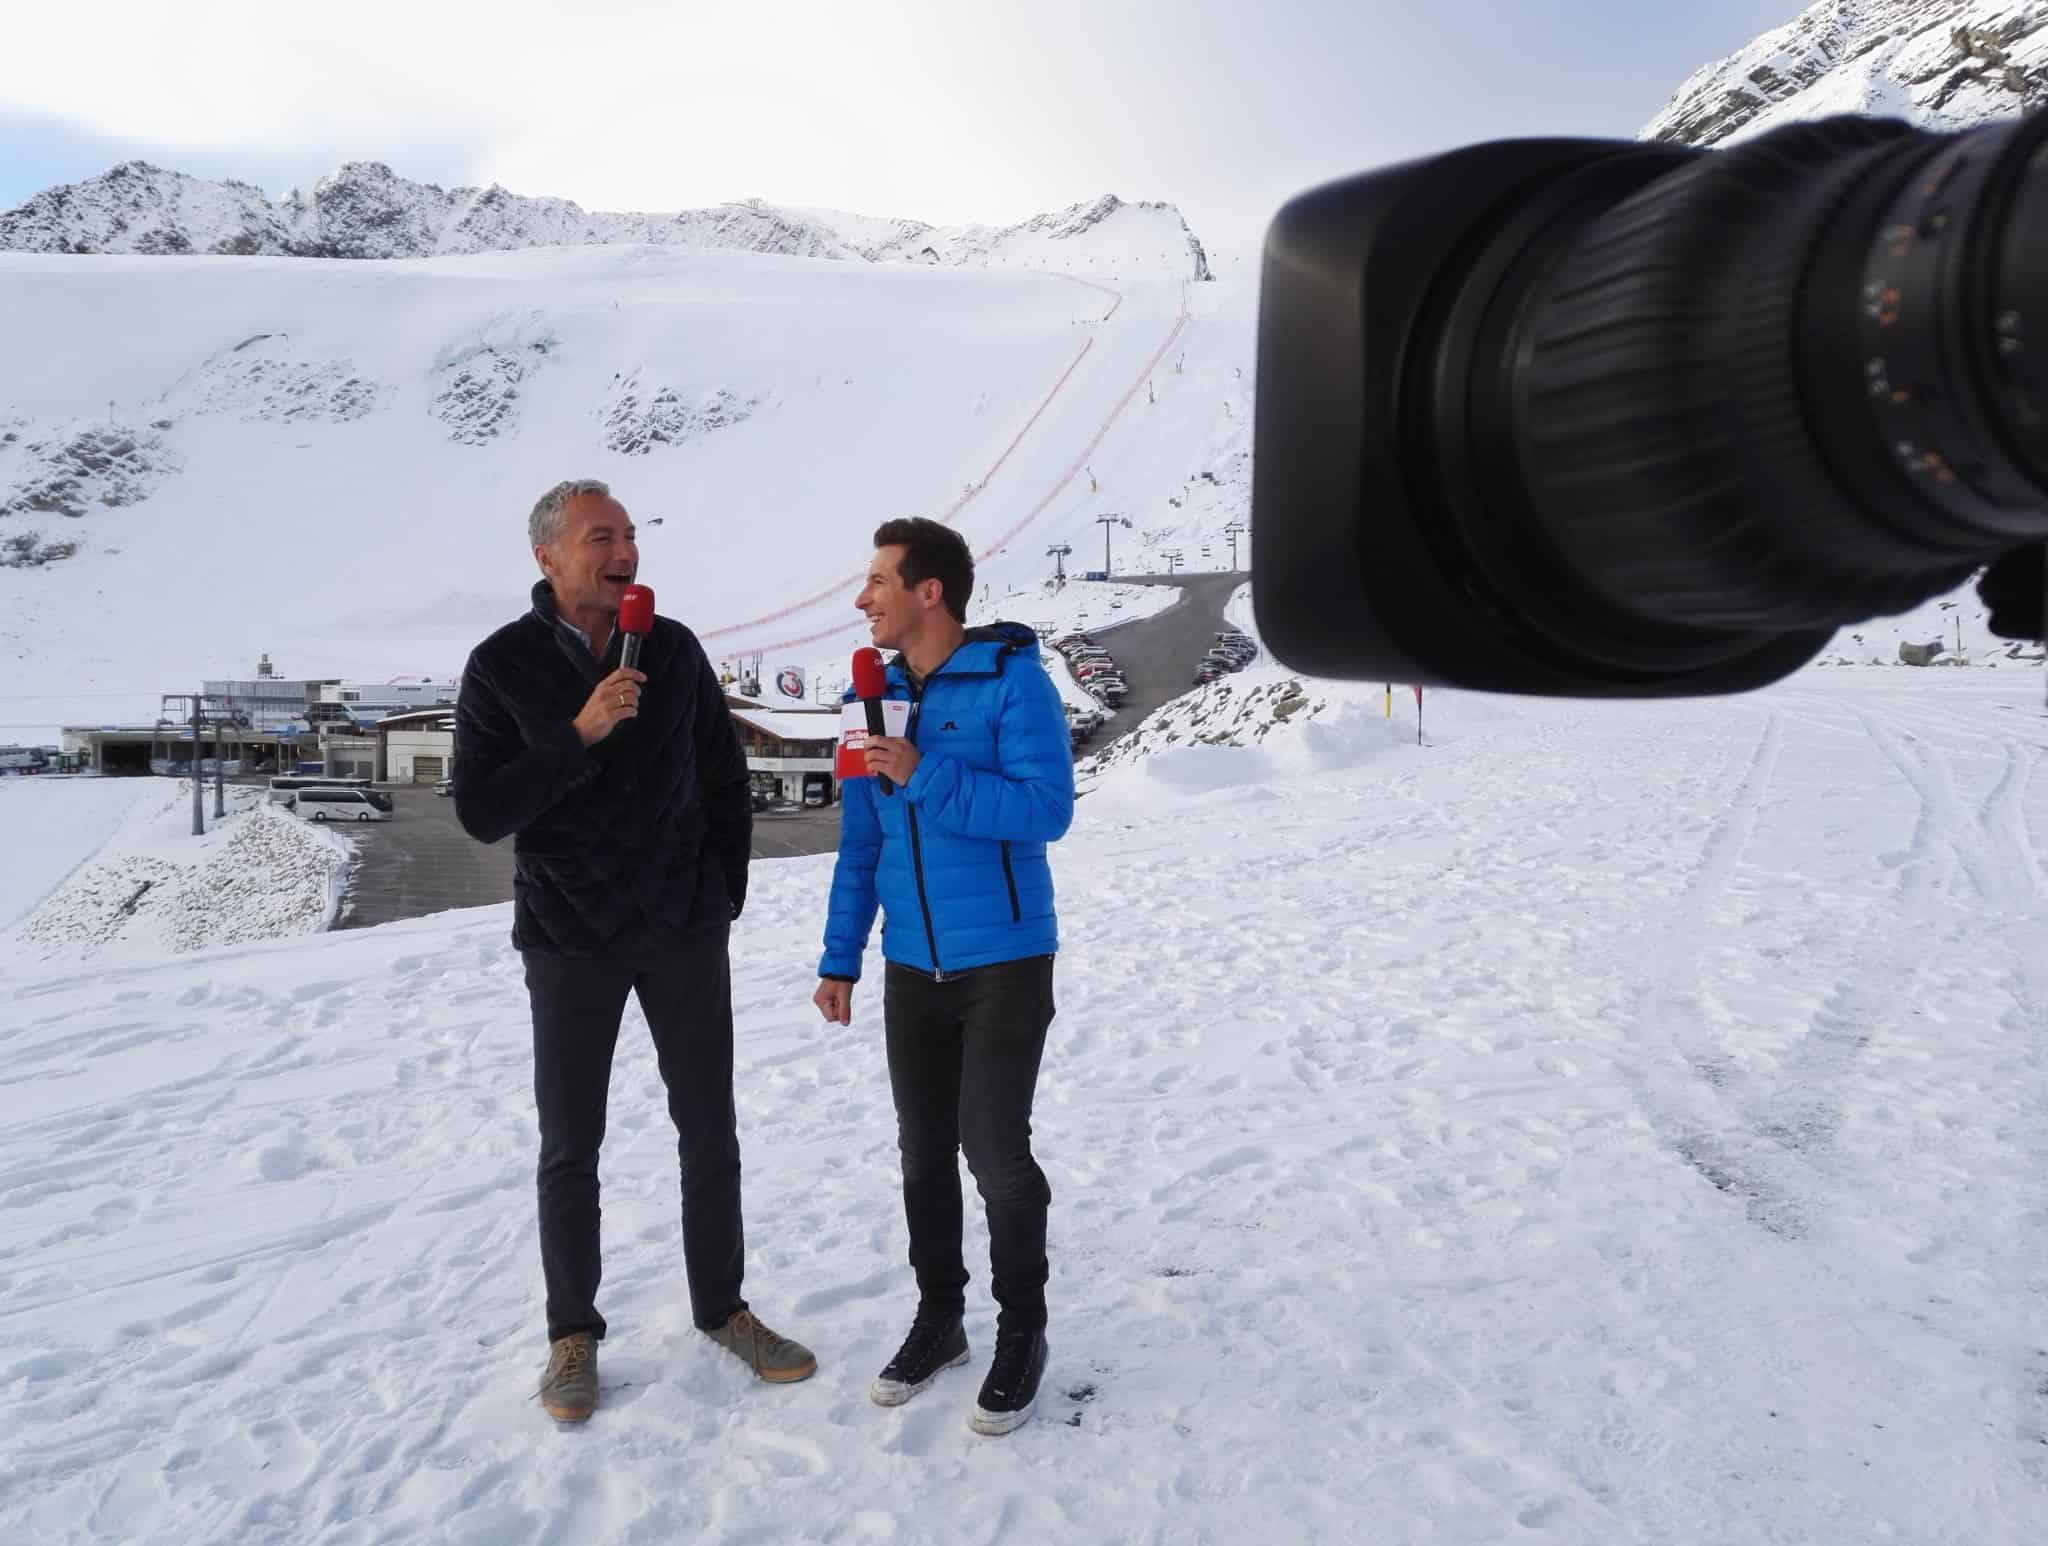 ORF Guten Morgen Österreich Tirol Sölden Woche C Andreas Felder 8 1 - ORF Guten Morgen Österreich - Tirol Woche